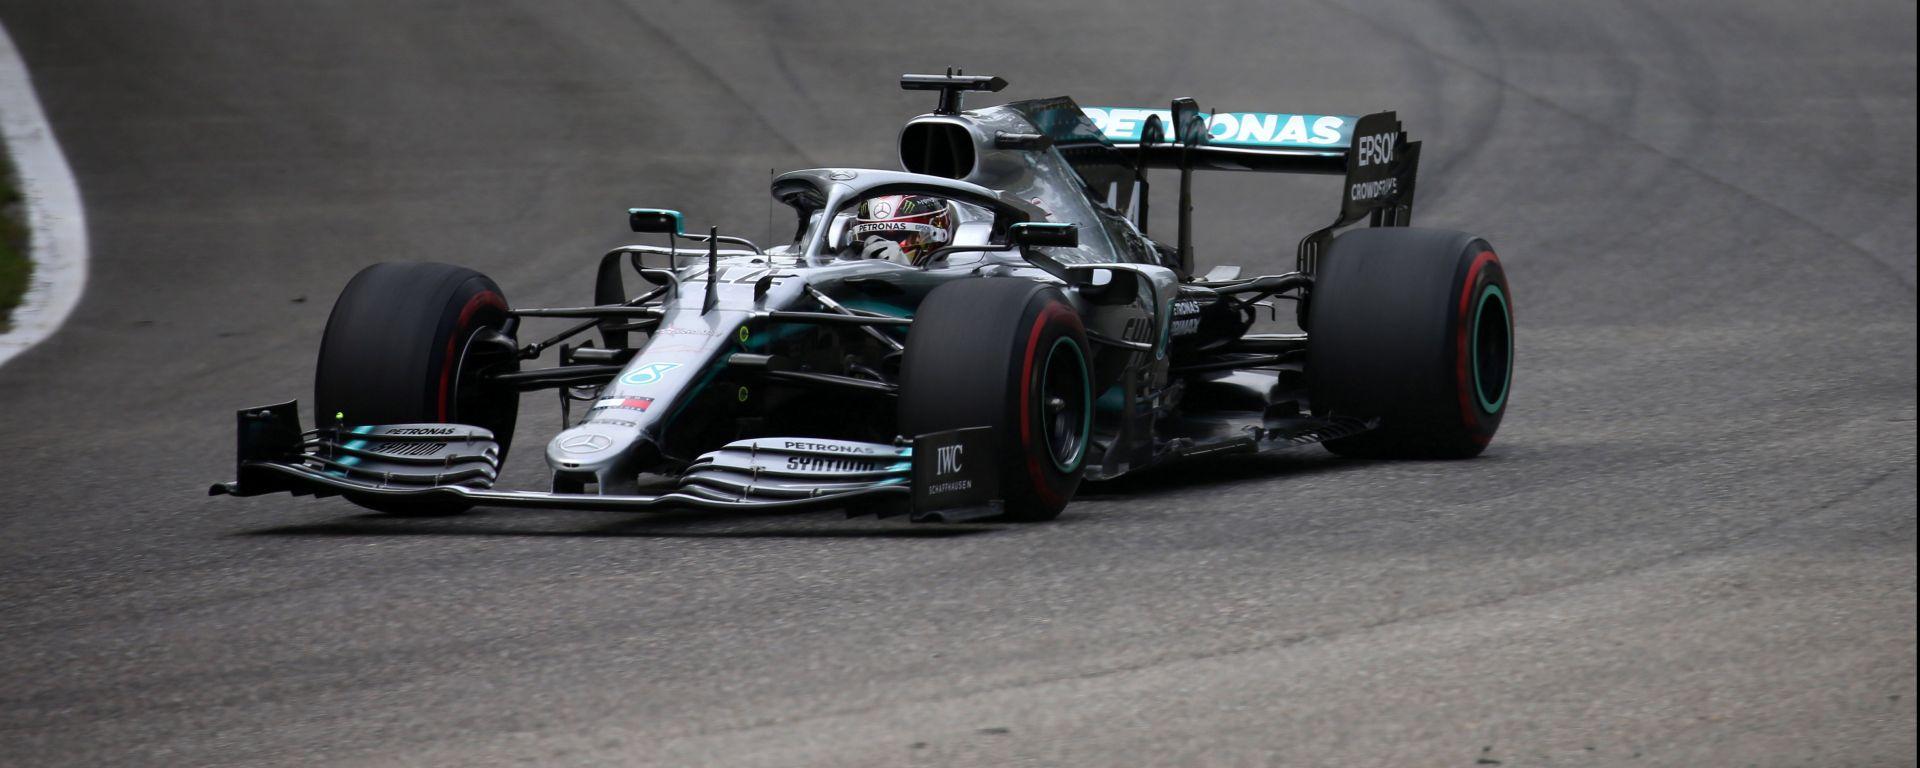 """Monza, Hamilton 2°: """"Domani possiamo lottare con la Ferrari"""""""